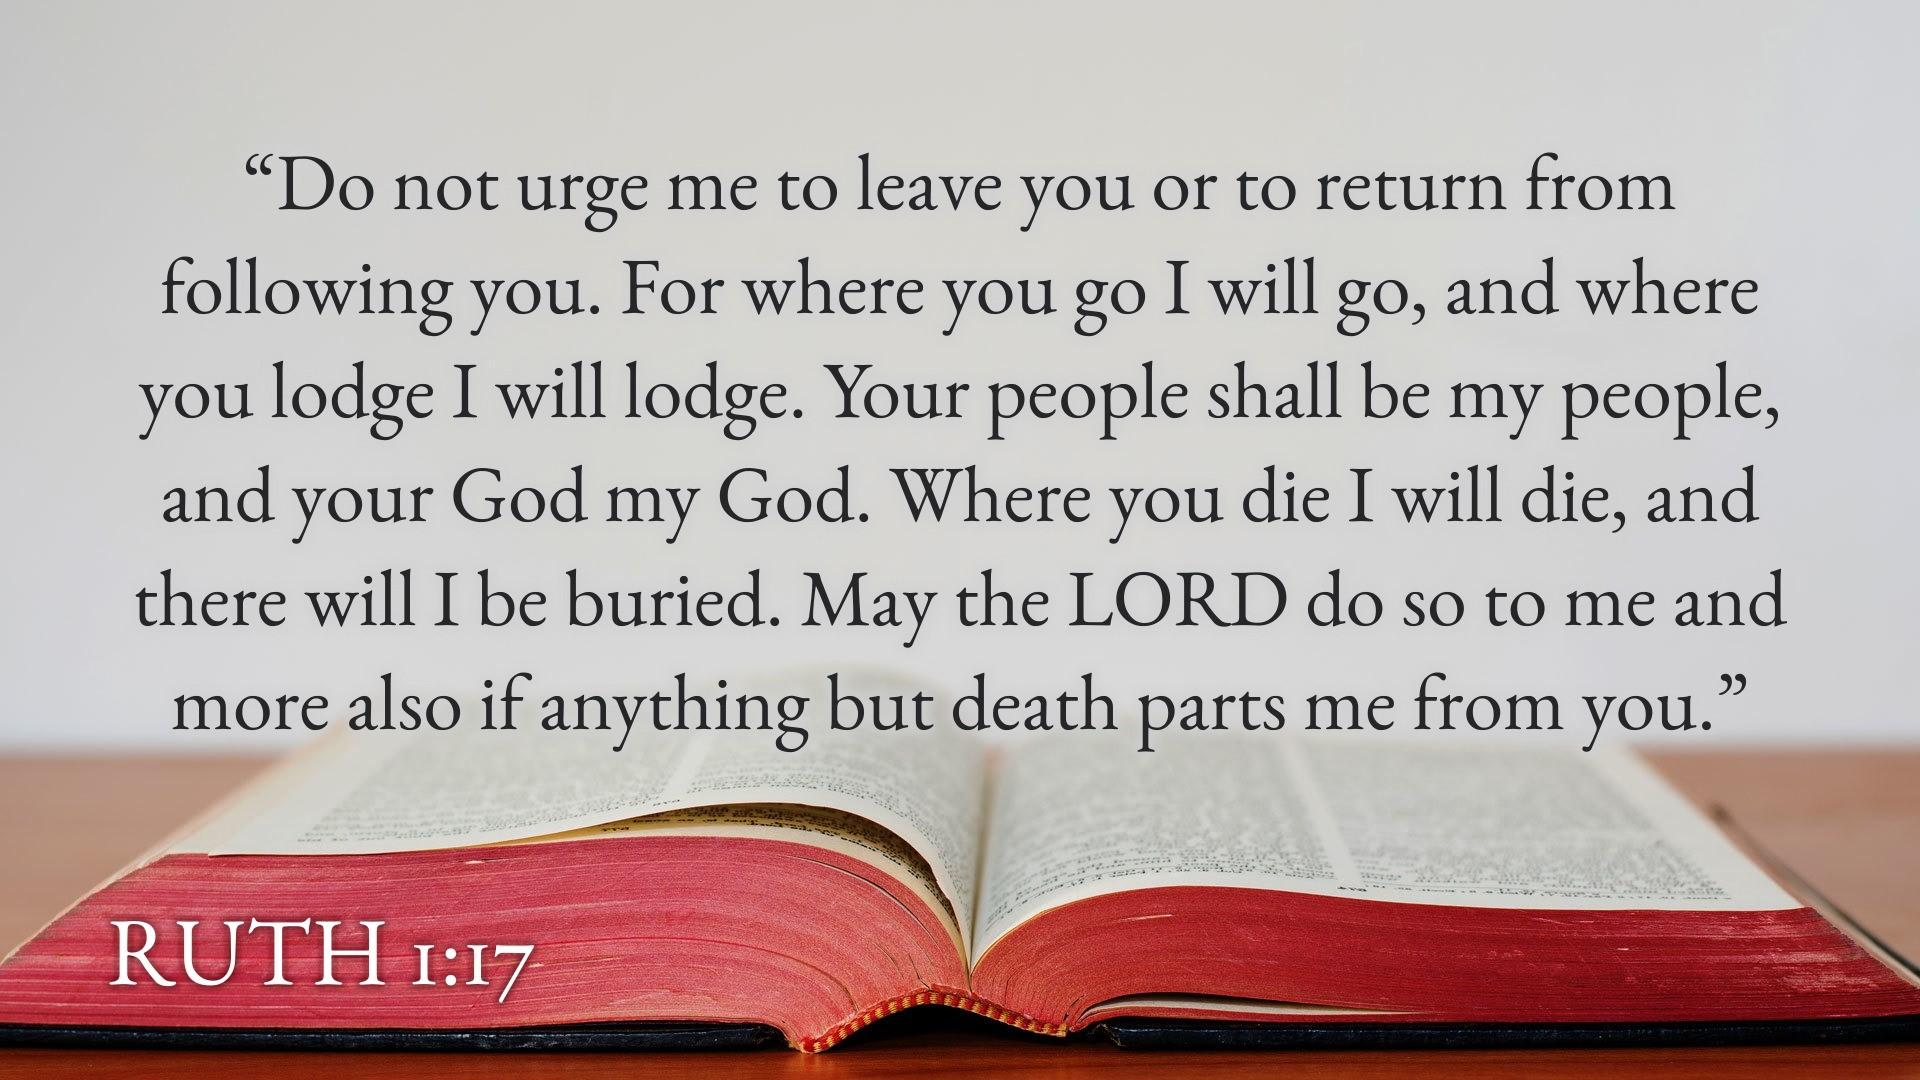 Ruth 1,17